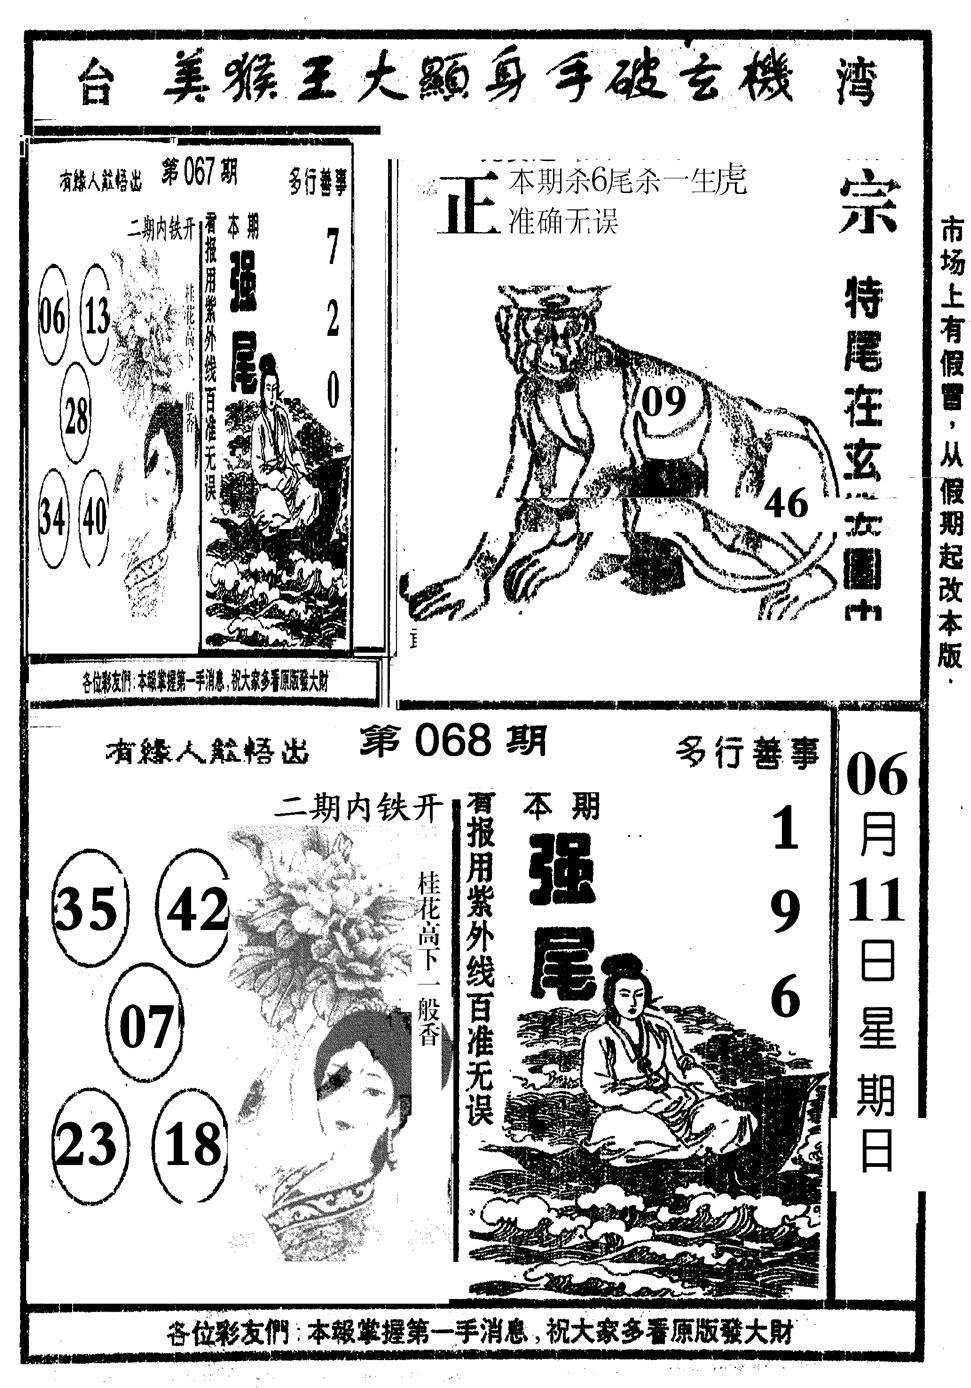 068期美猴王(黑白)